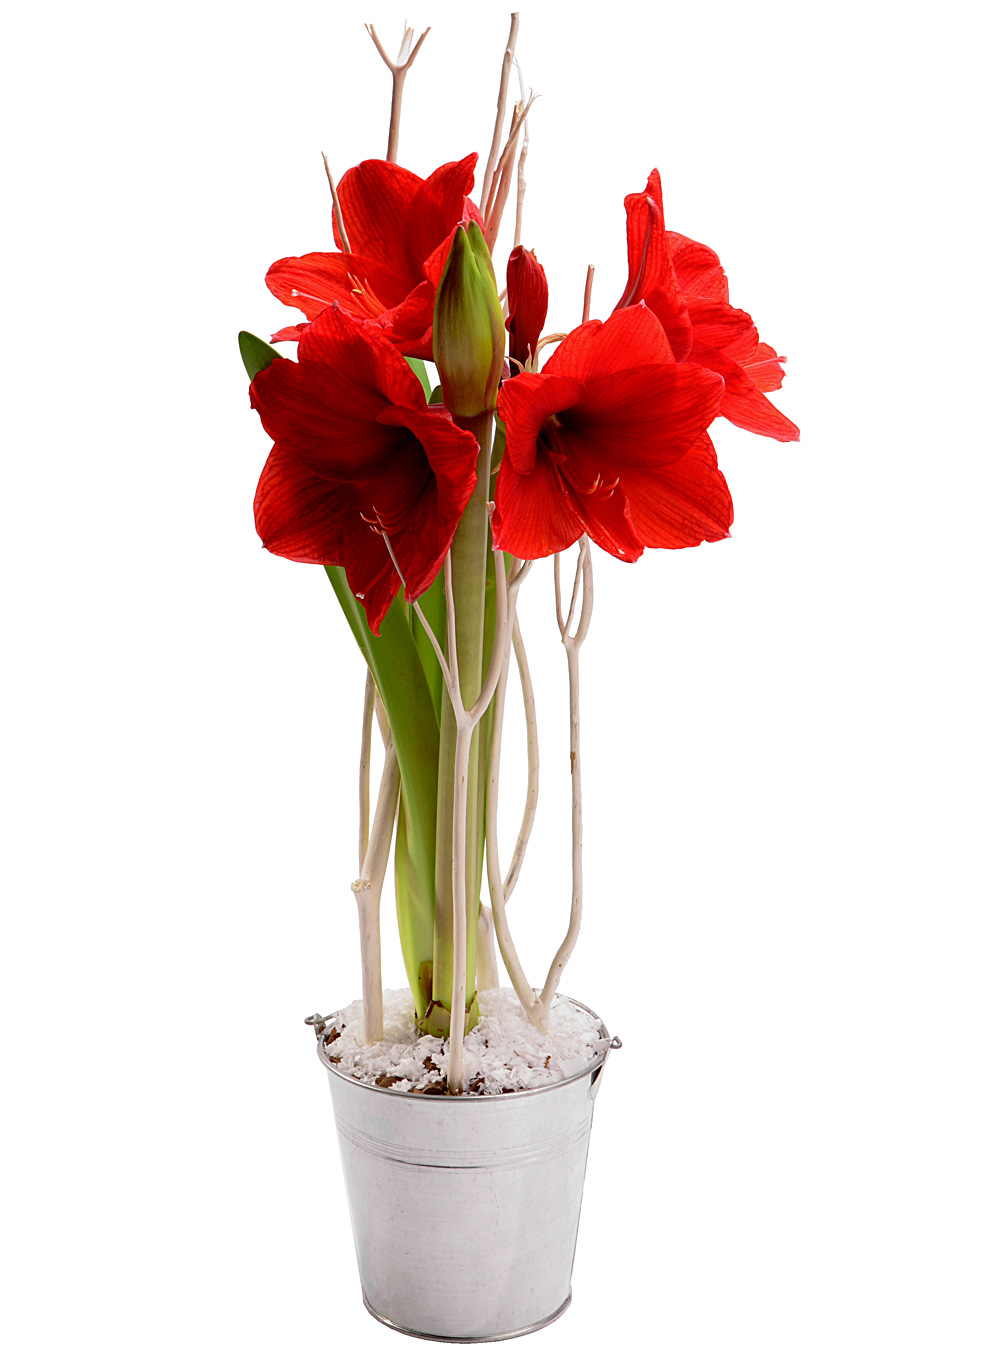 Par occasions plantes fleurs de no l amaryllis de no l for Les amaryllis fleurs